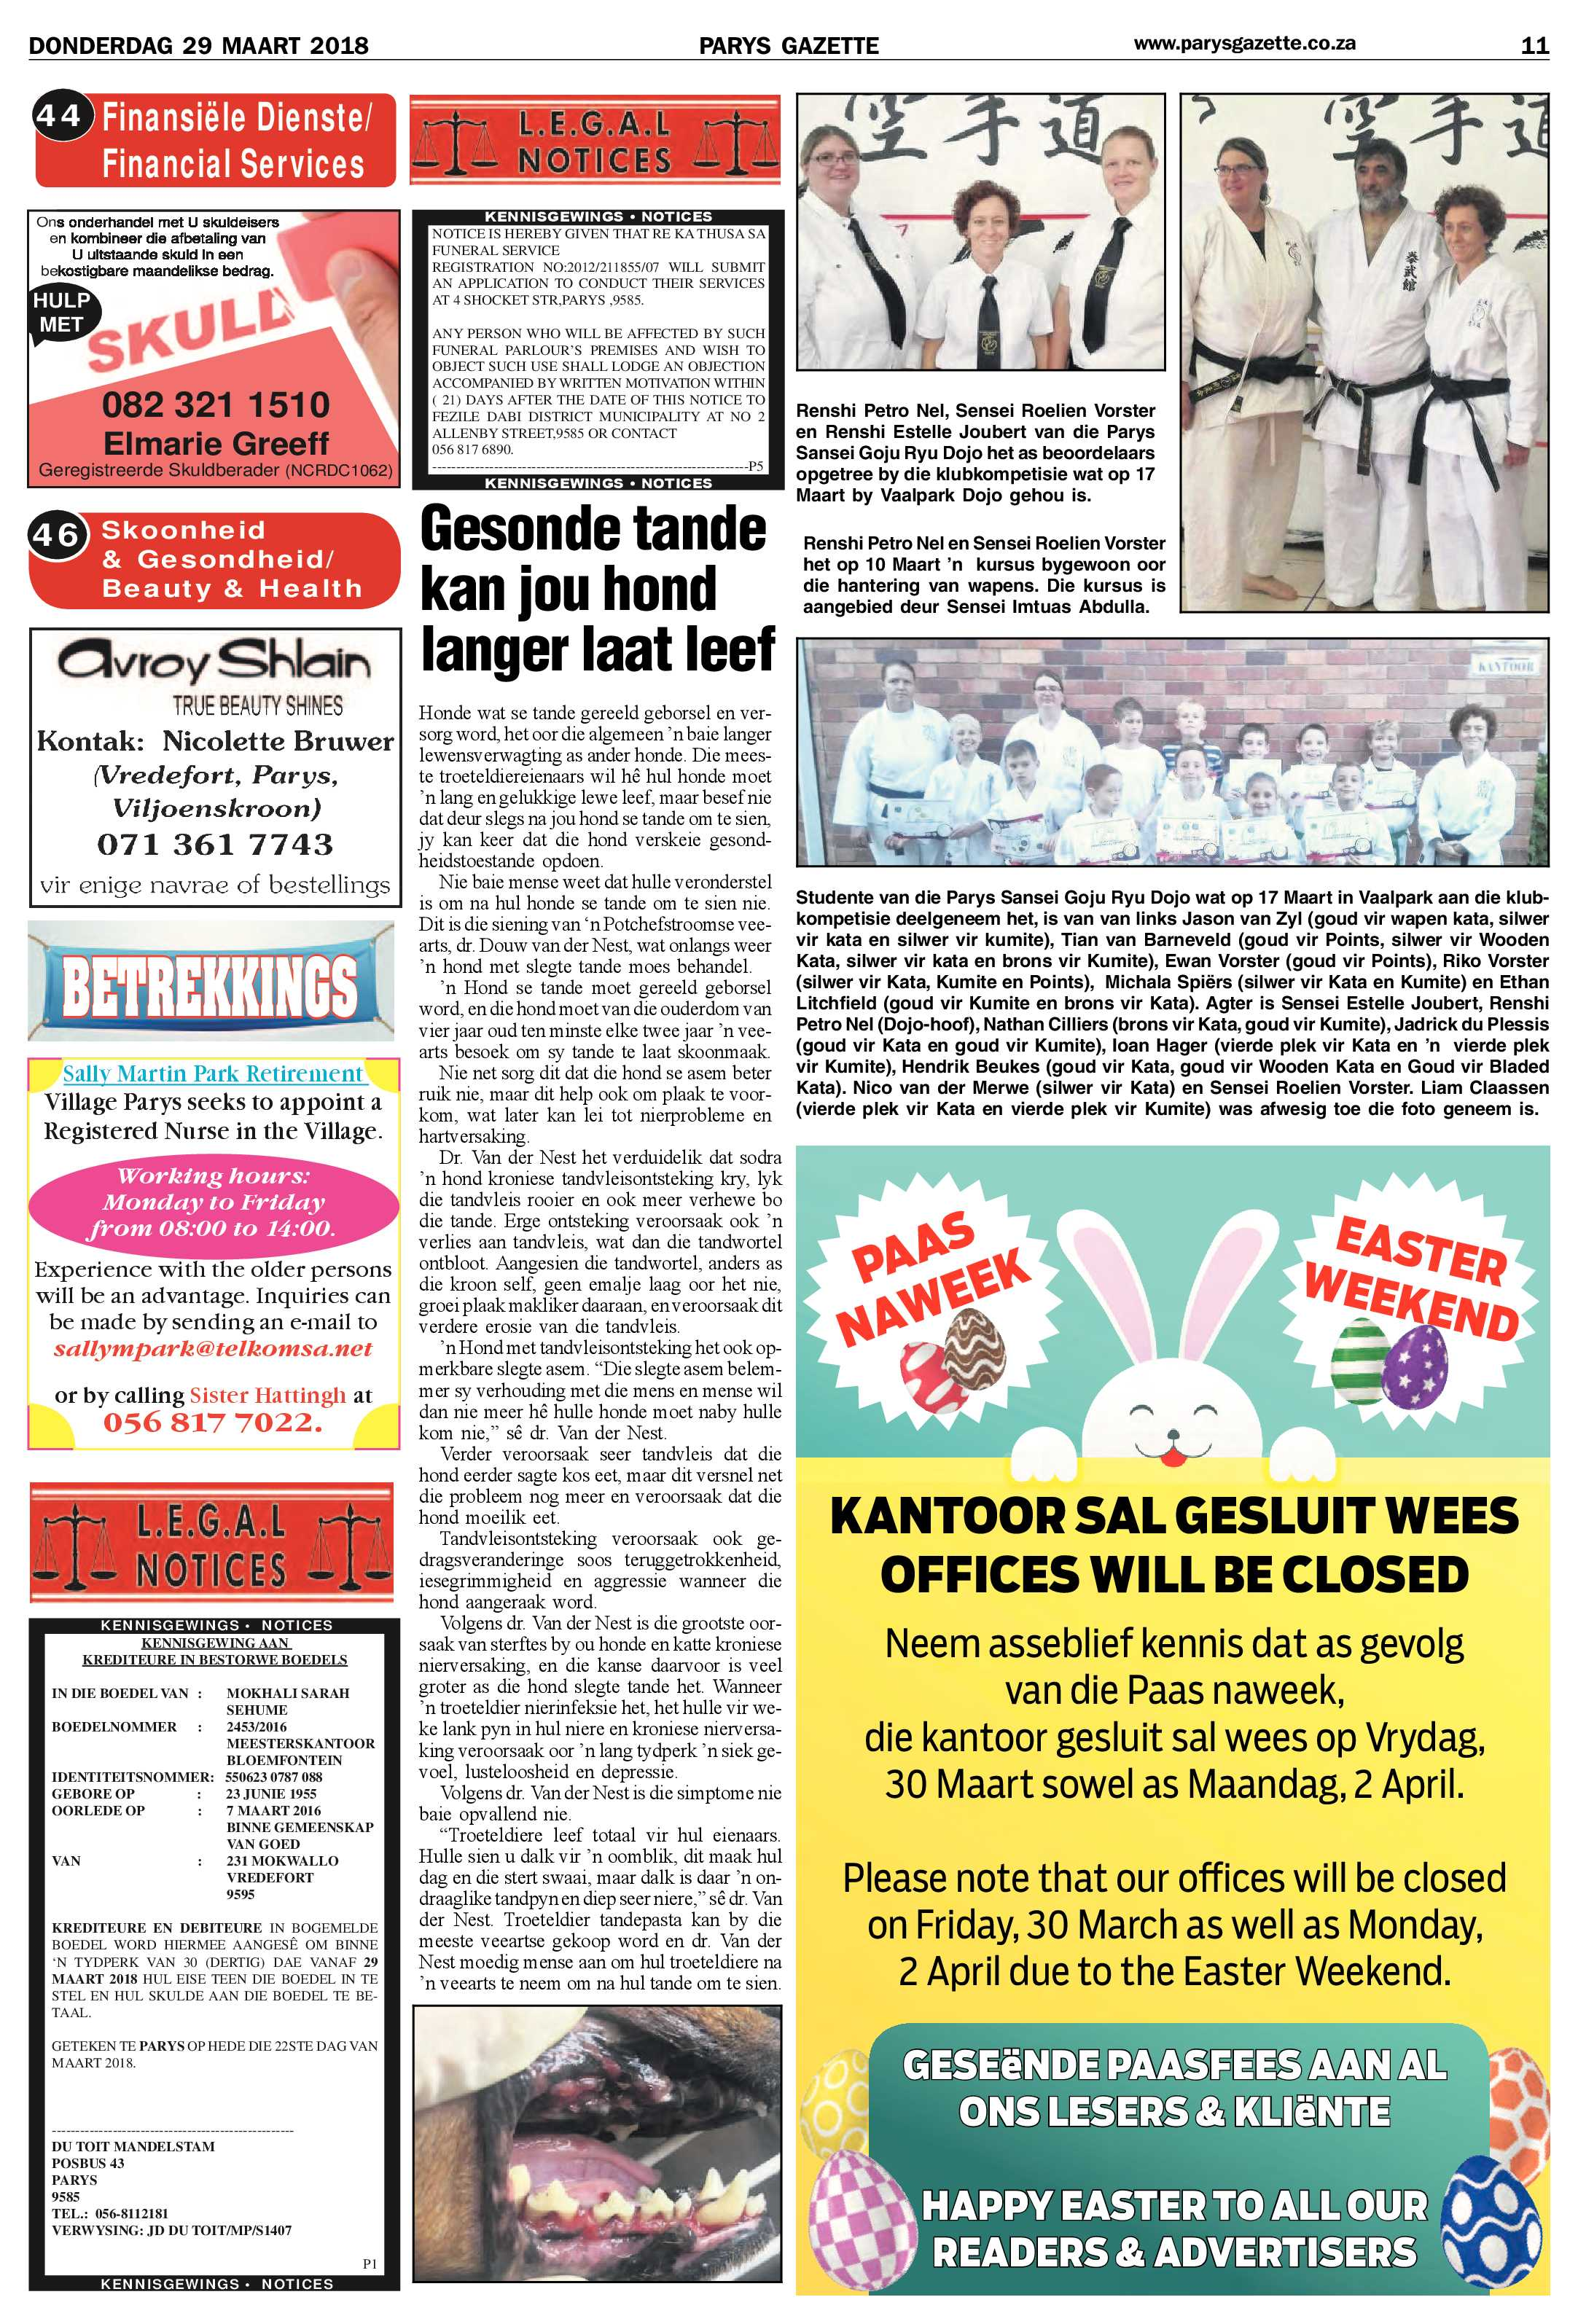 29-maart-2018-epapers-page-11